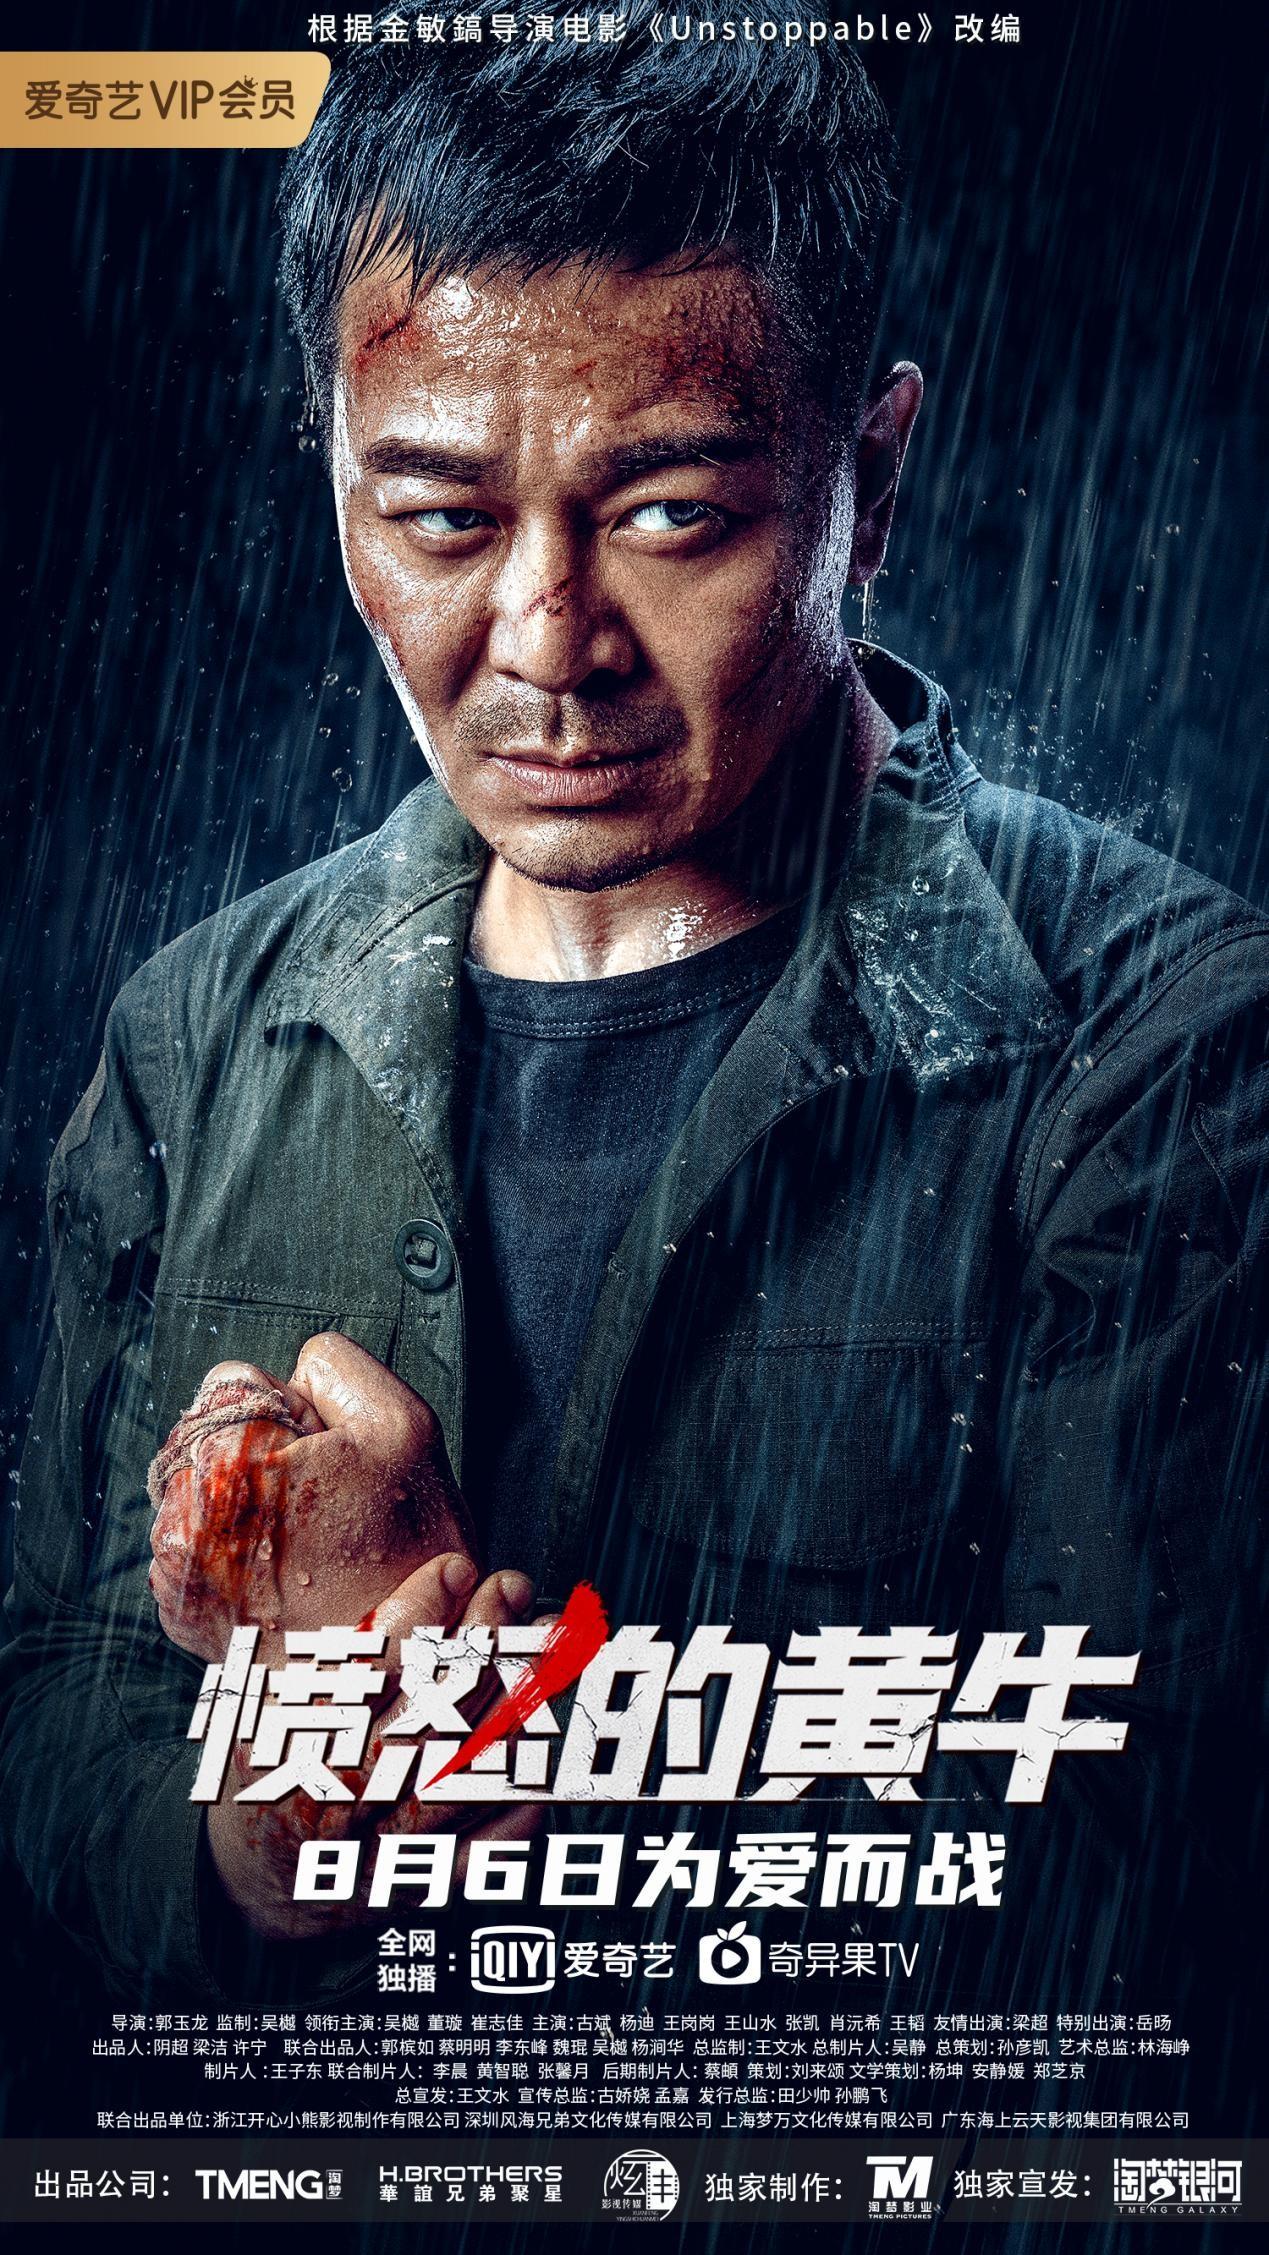 《愤怒的黄牛》今日上线!吴樾董璇崔志佳领衔主演 三大看点全揭秘